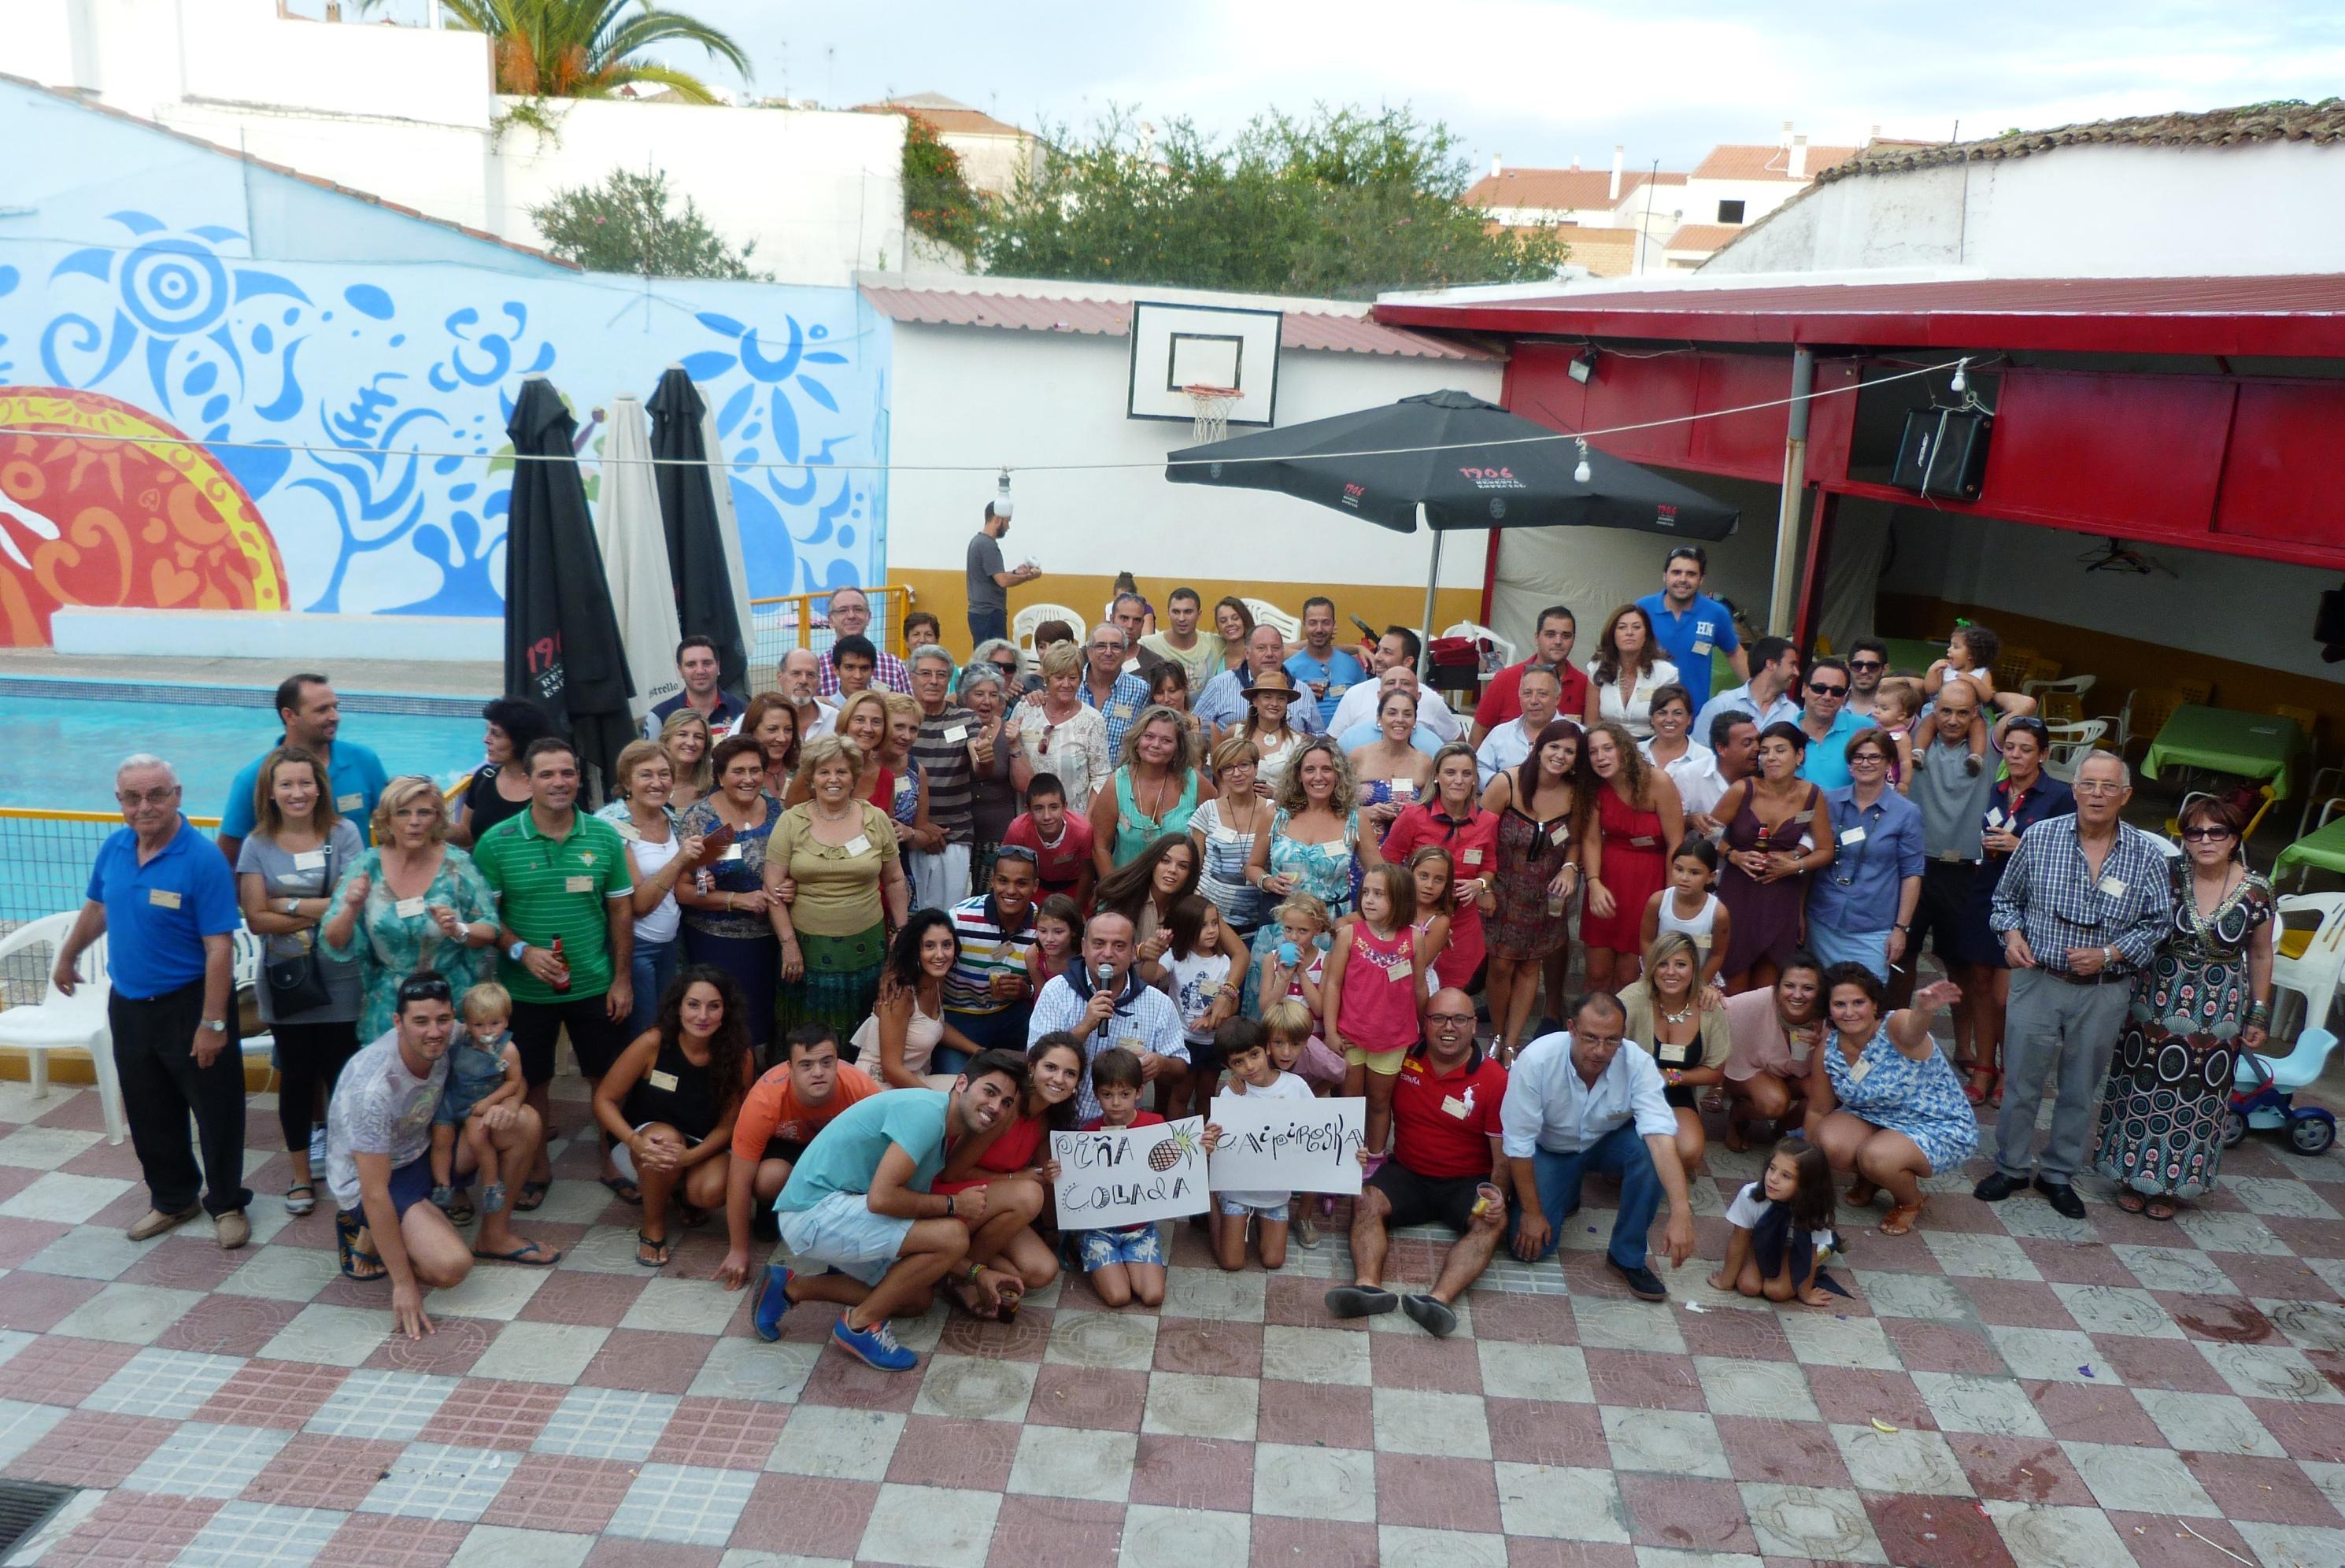 El apellido Boza reúne a 150 personas en Fuente de Cantos